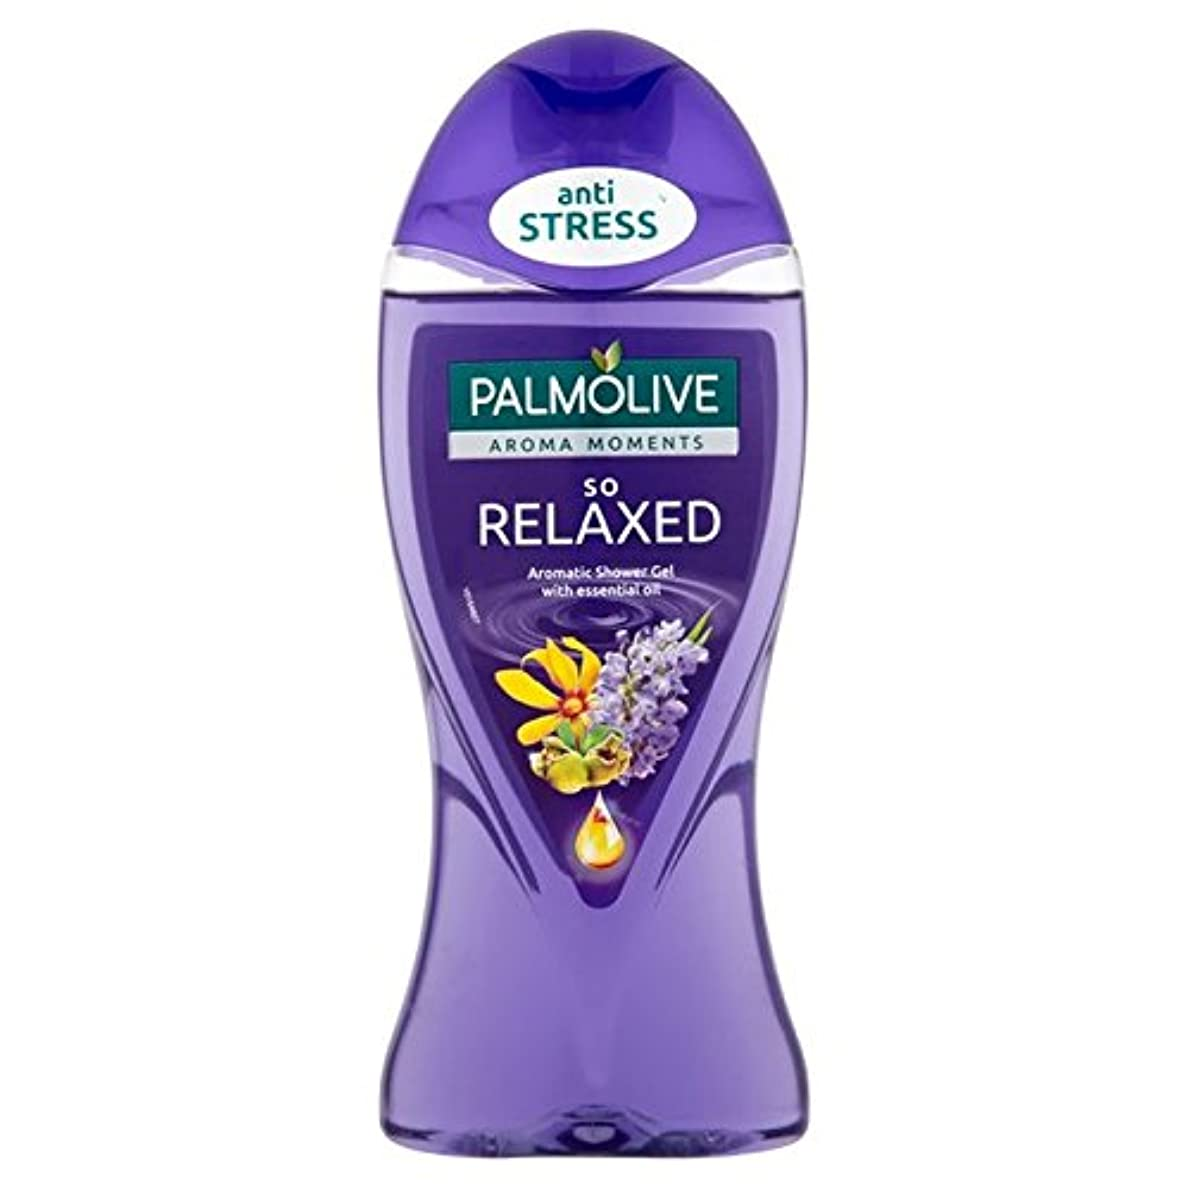 戦術発症パイプラインパルモシャワージェルリラックスした250ミリリットル x2 - Palmolive Shower Gel Relaxed 250ml (Pack of 2) [並行輸入品]